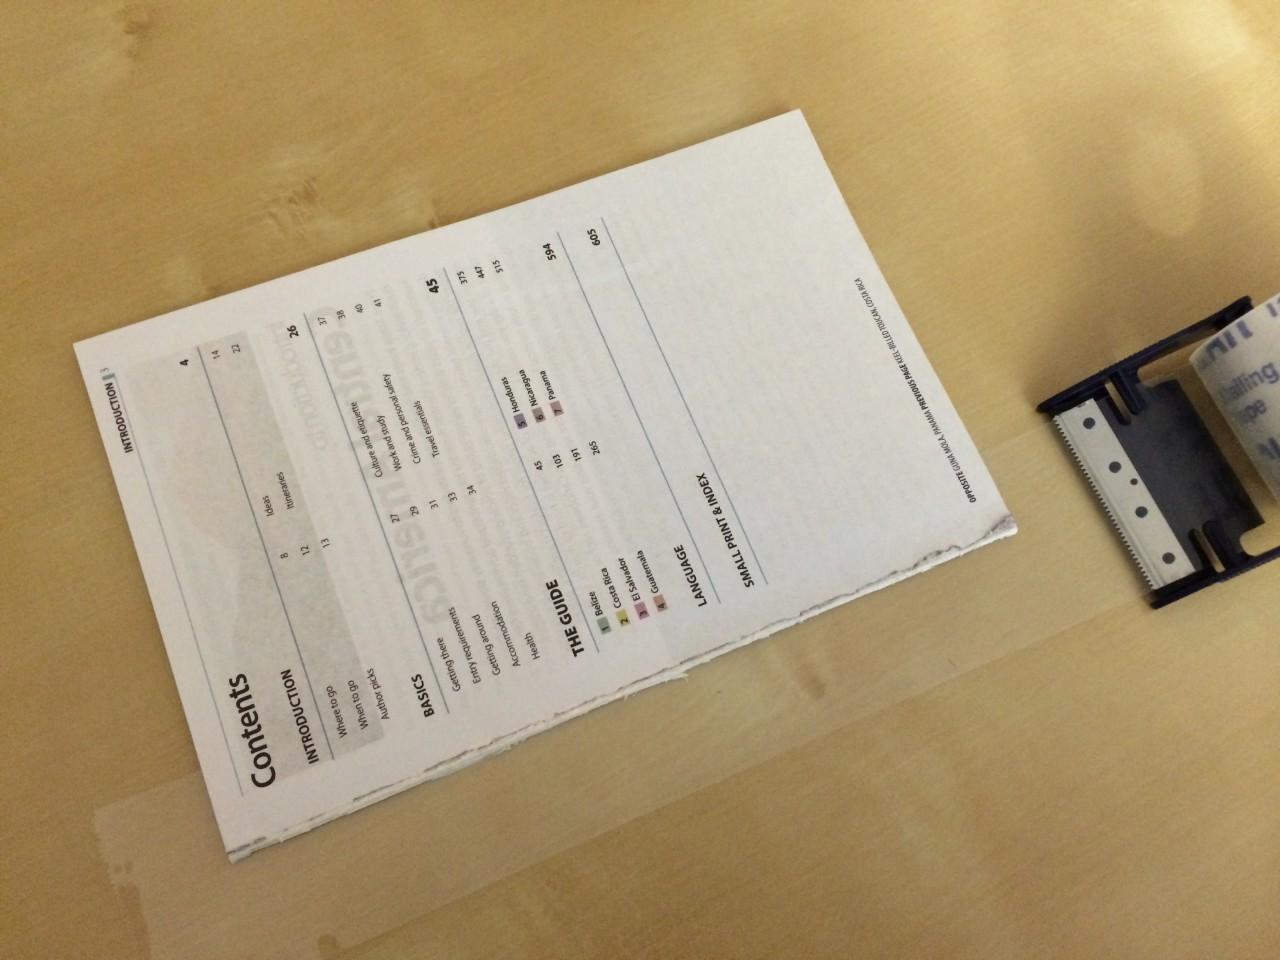 Guidebook taping